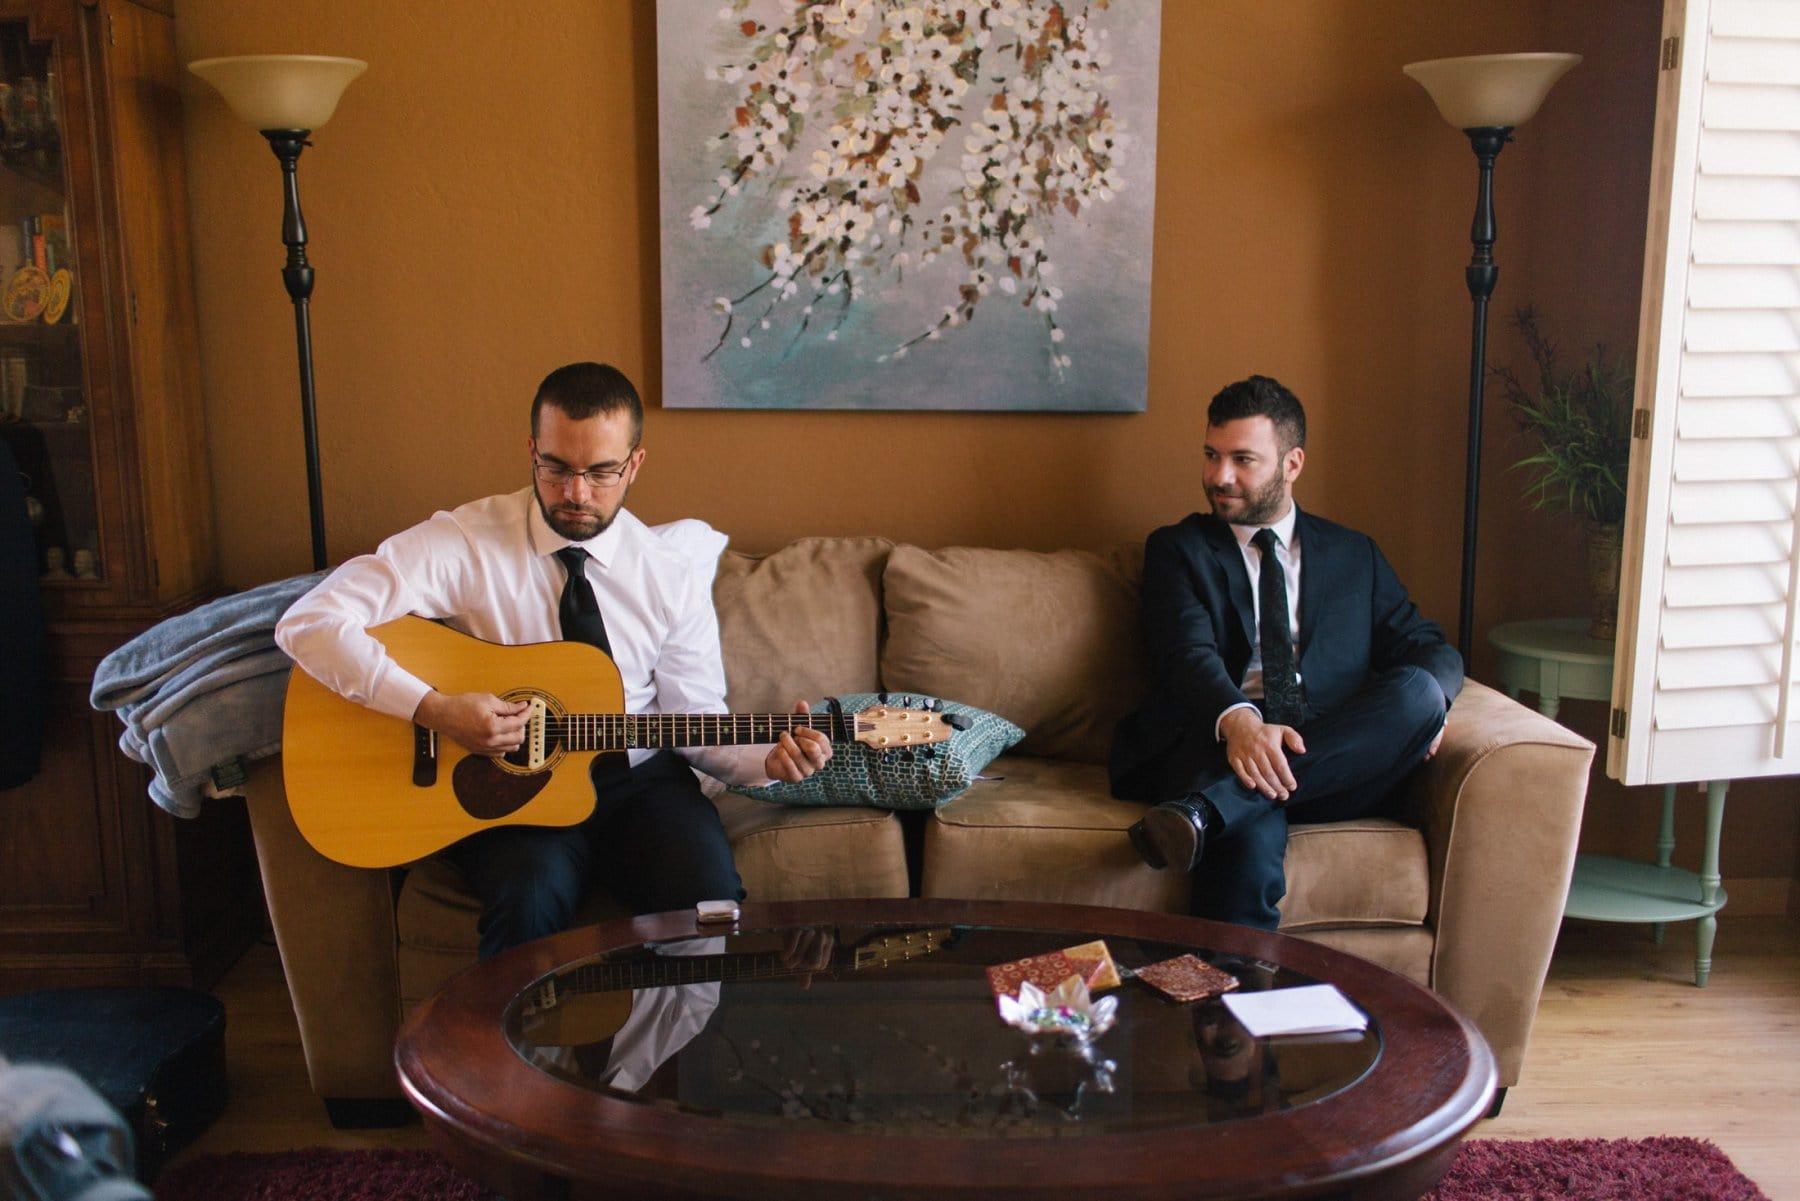 pre-wedding guitar playing by groomsmen getting ready Arizona wedding